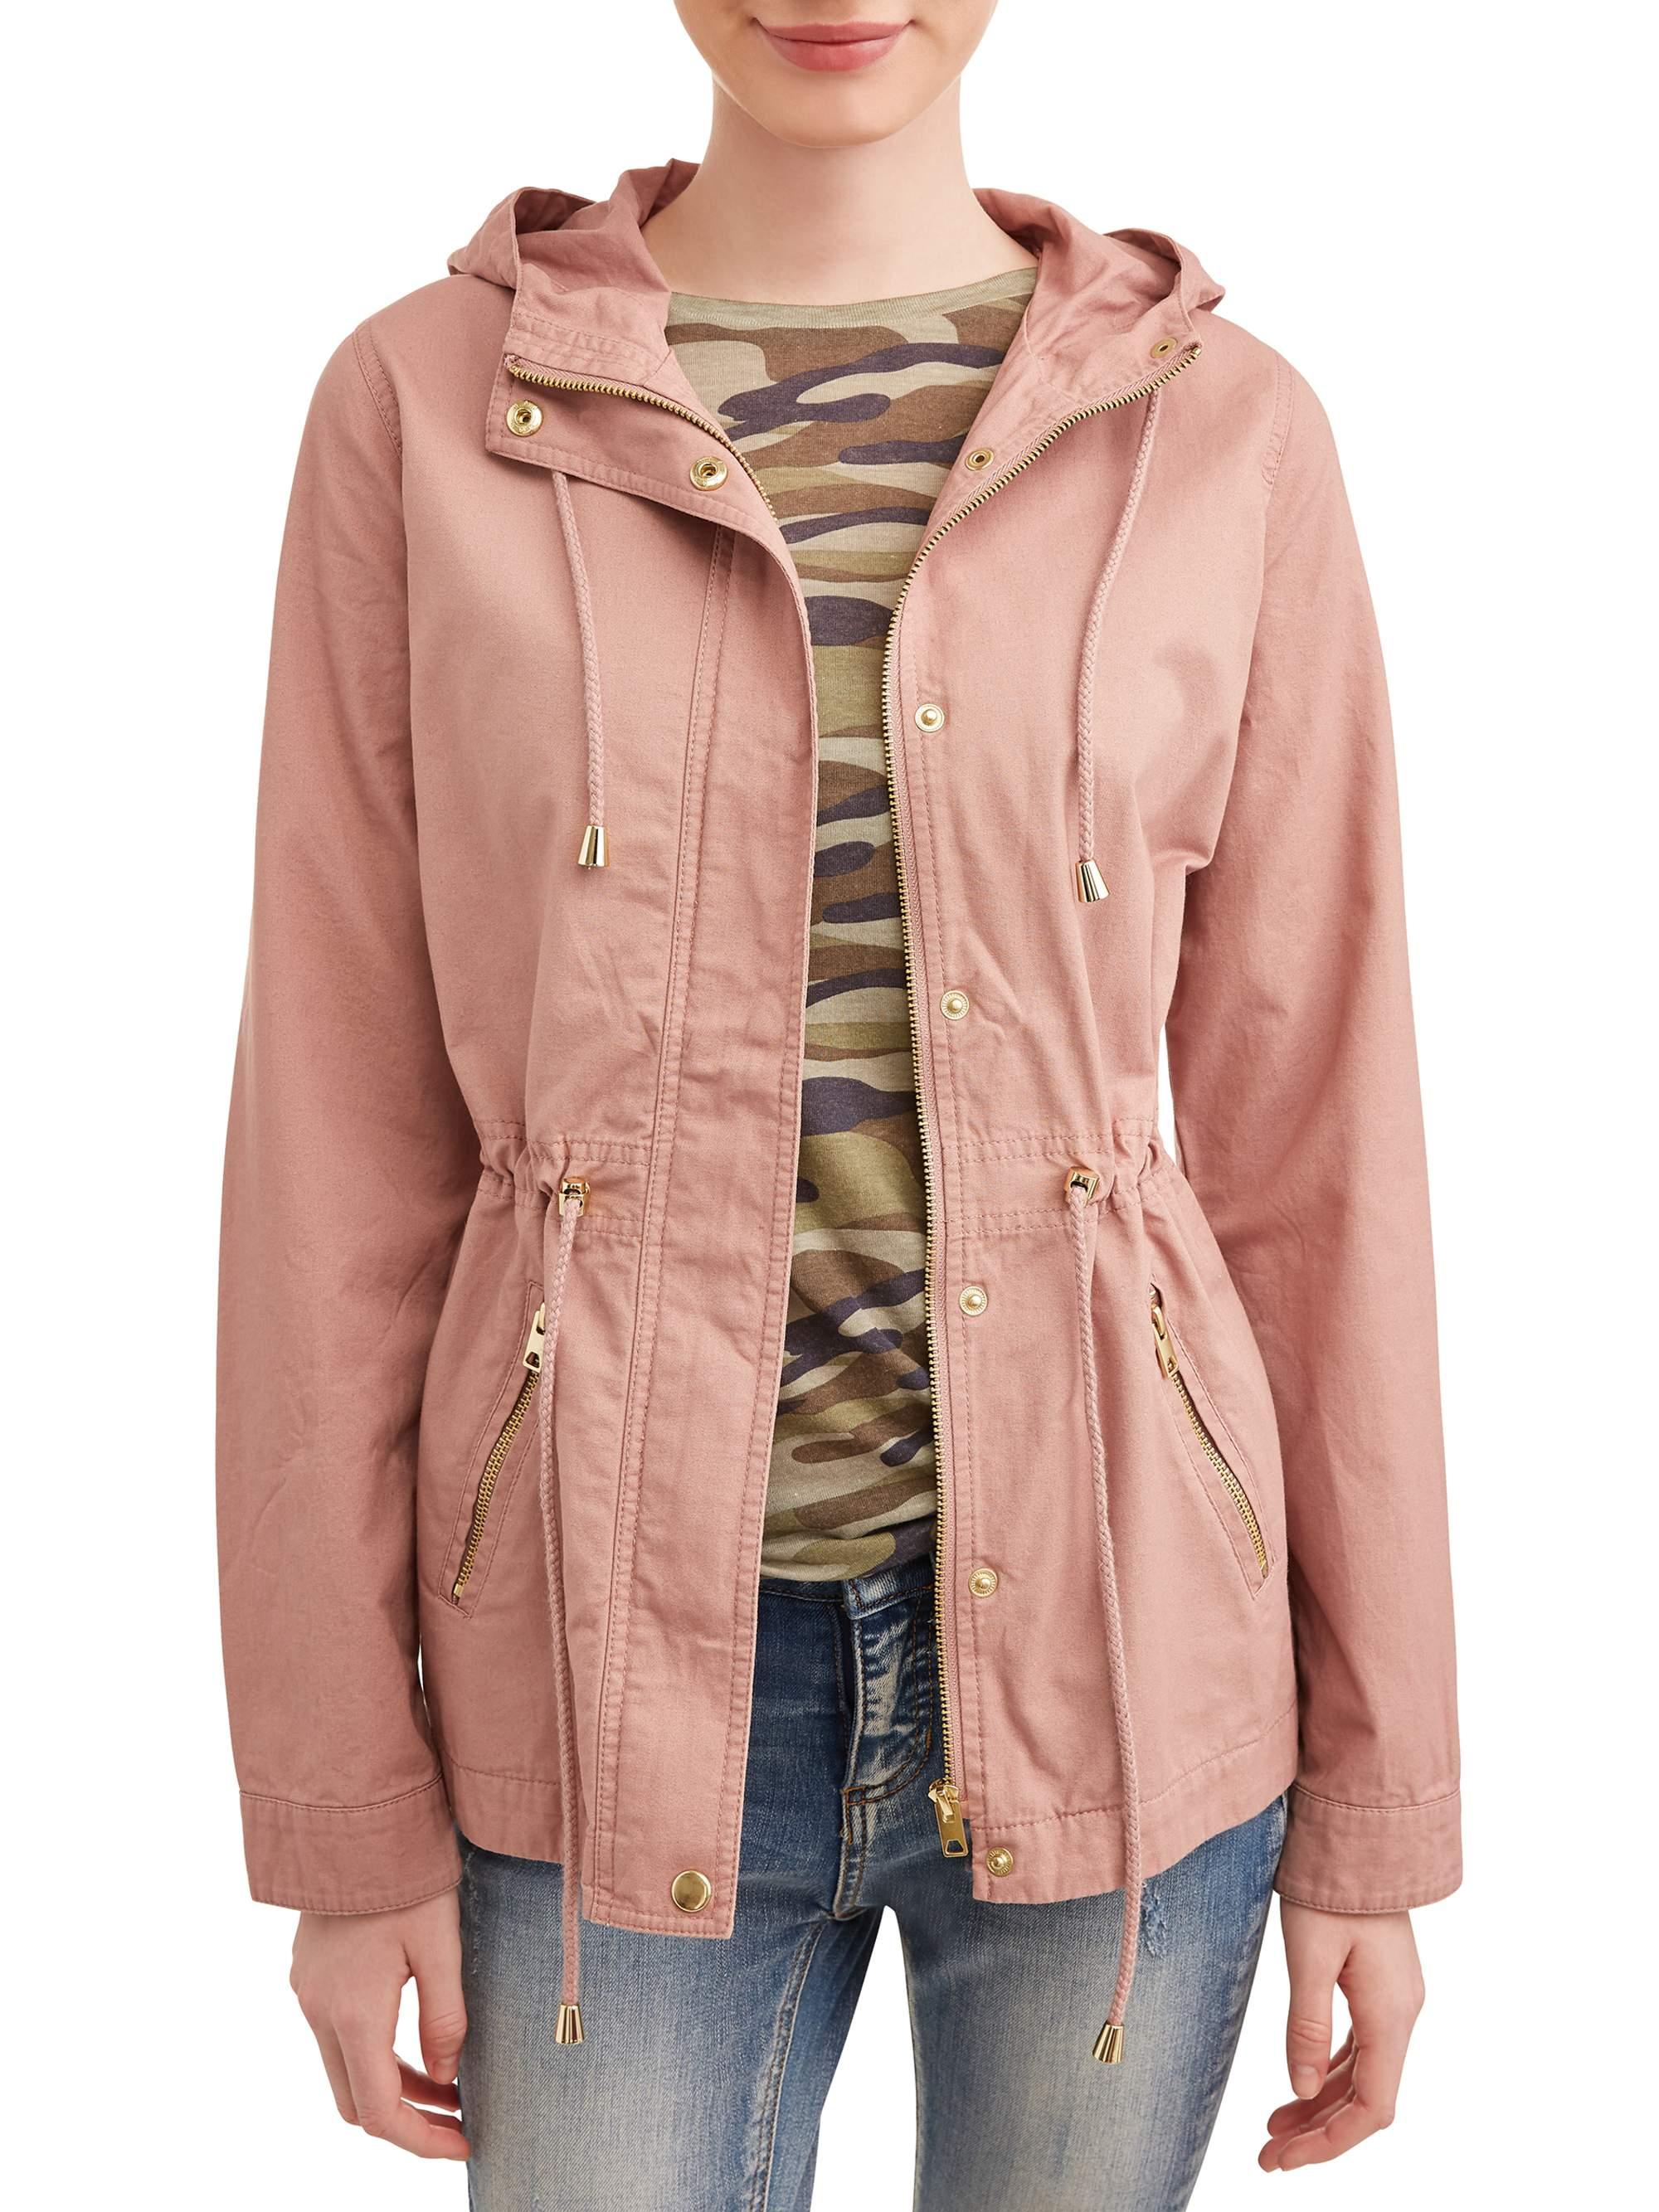 Juniors Zip Up Pocket Front Hooded Anorak Jacket